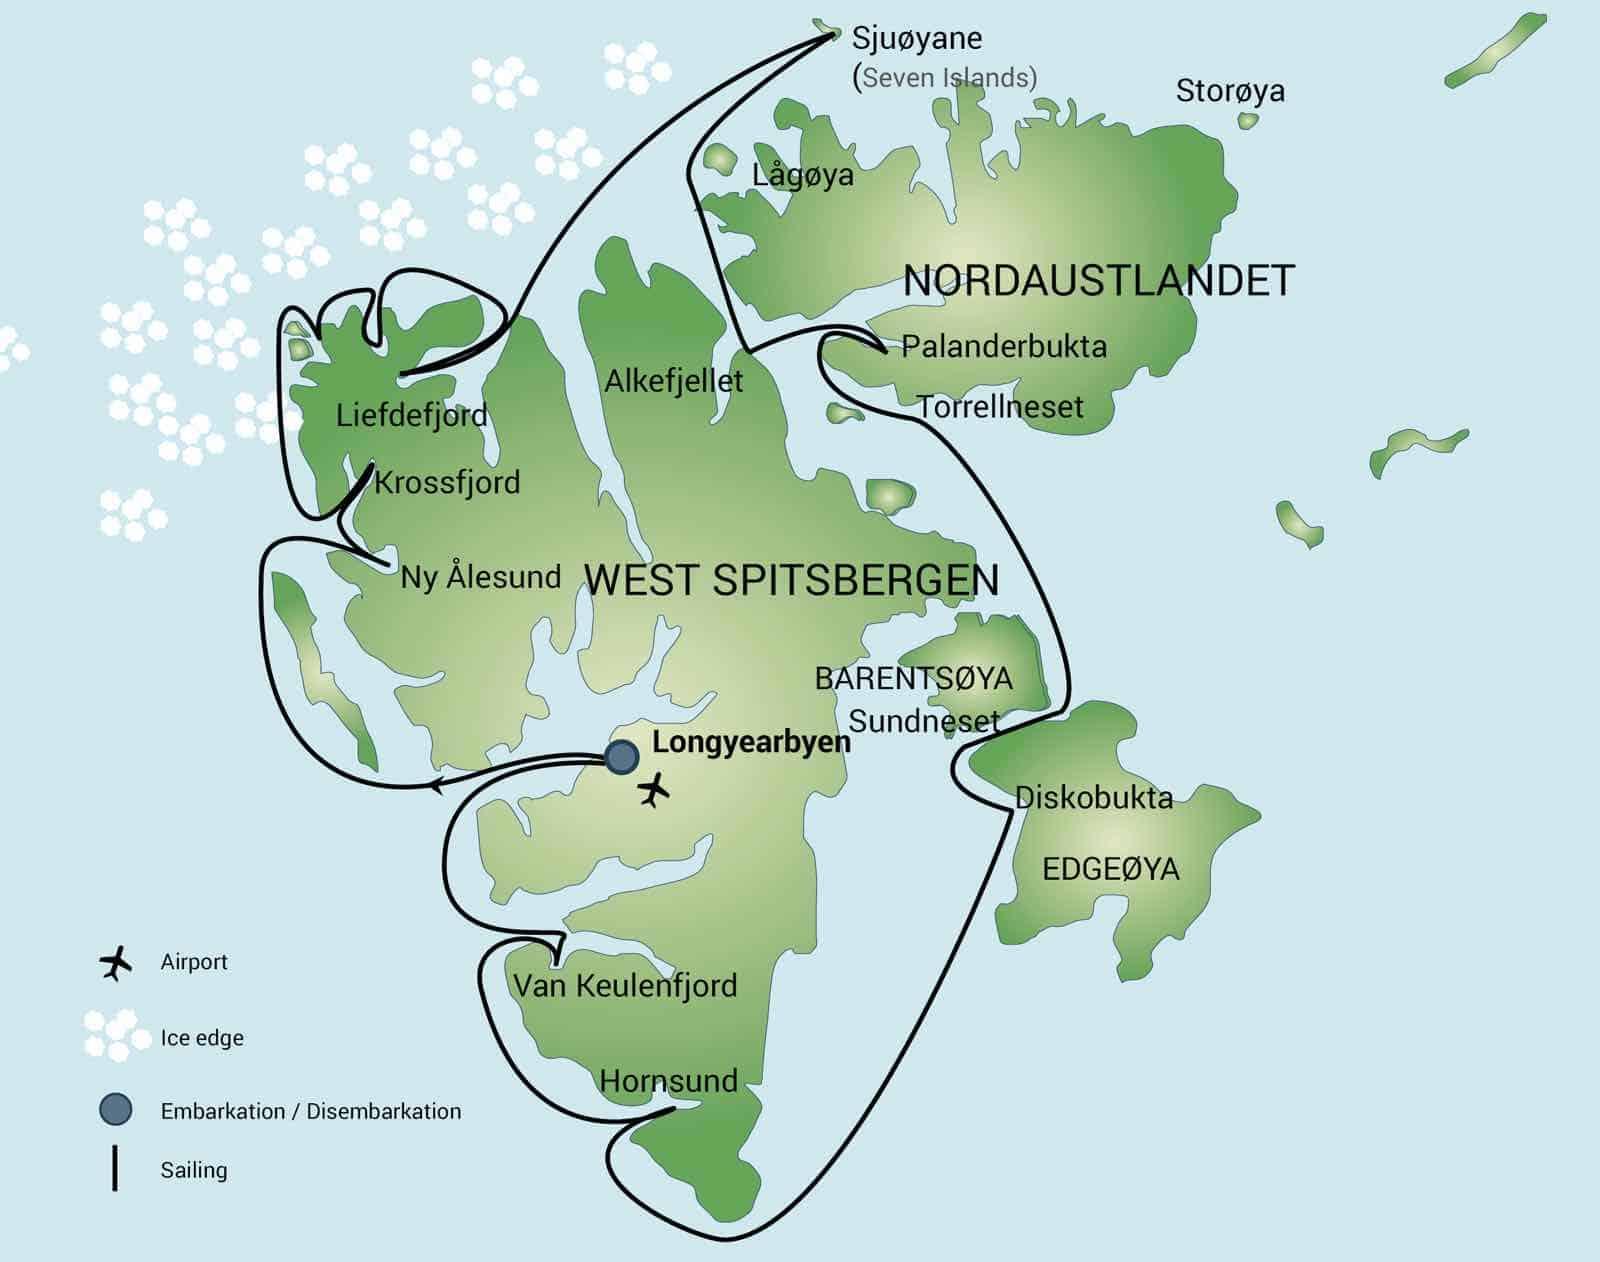 Rutekort over rejse til Svalbard rundt om Spitsbergen